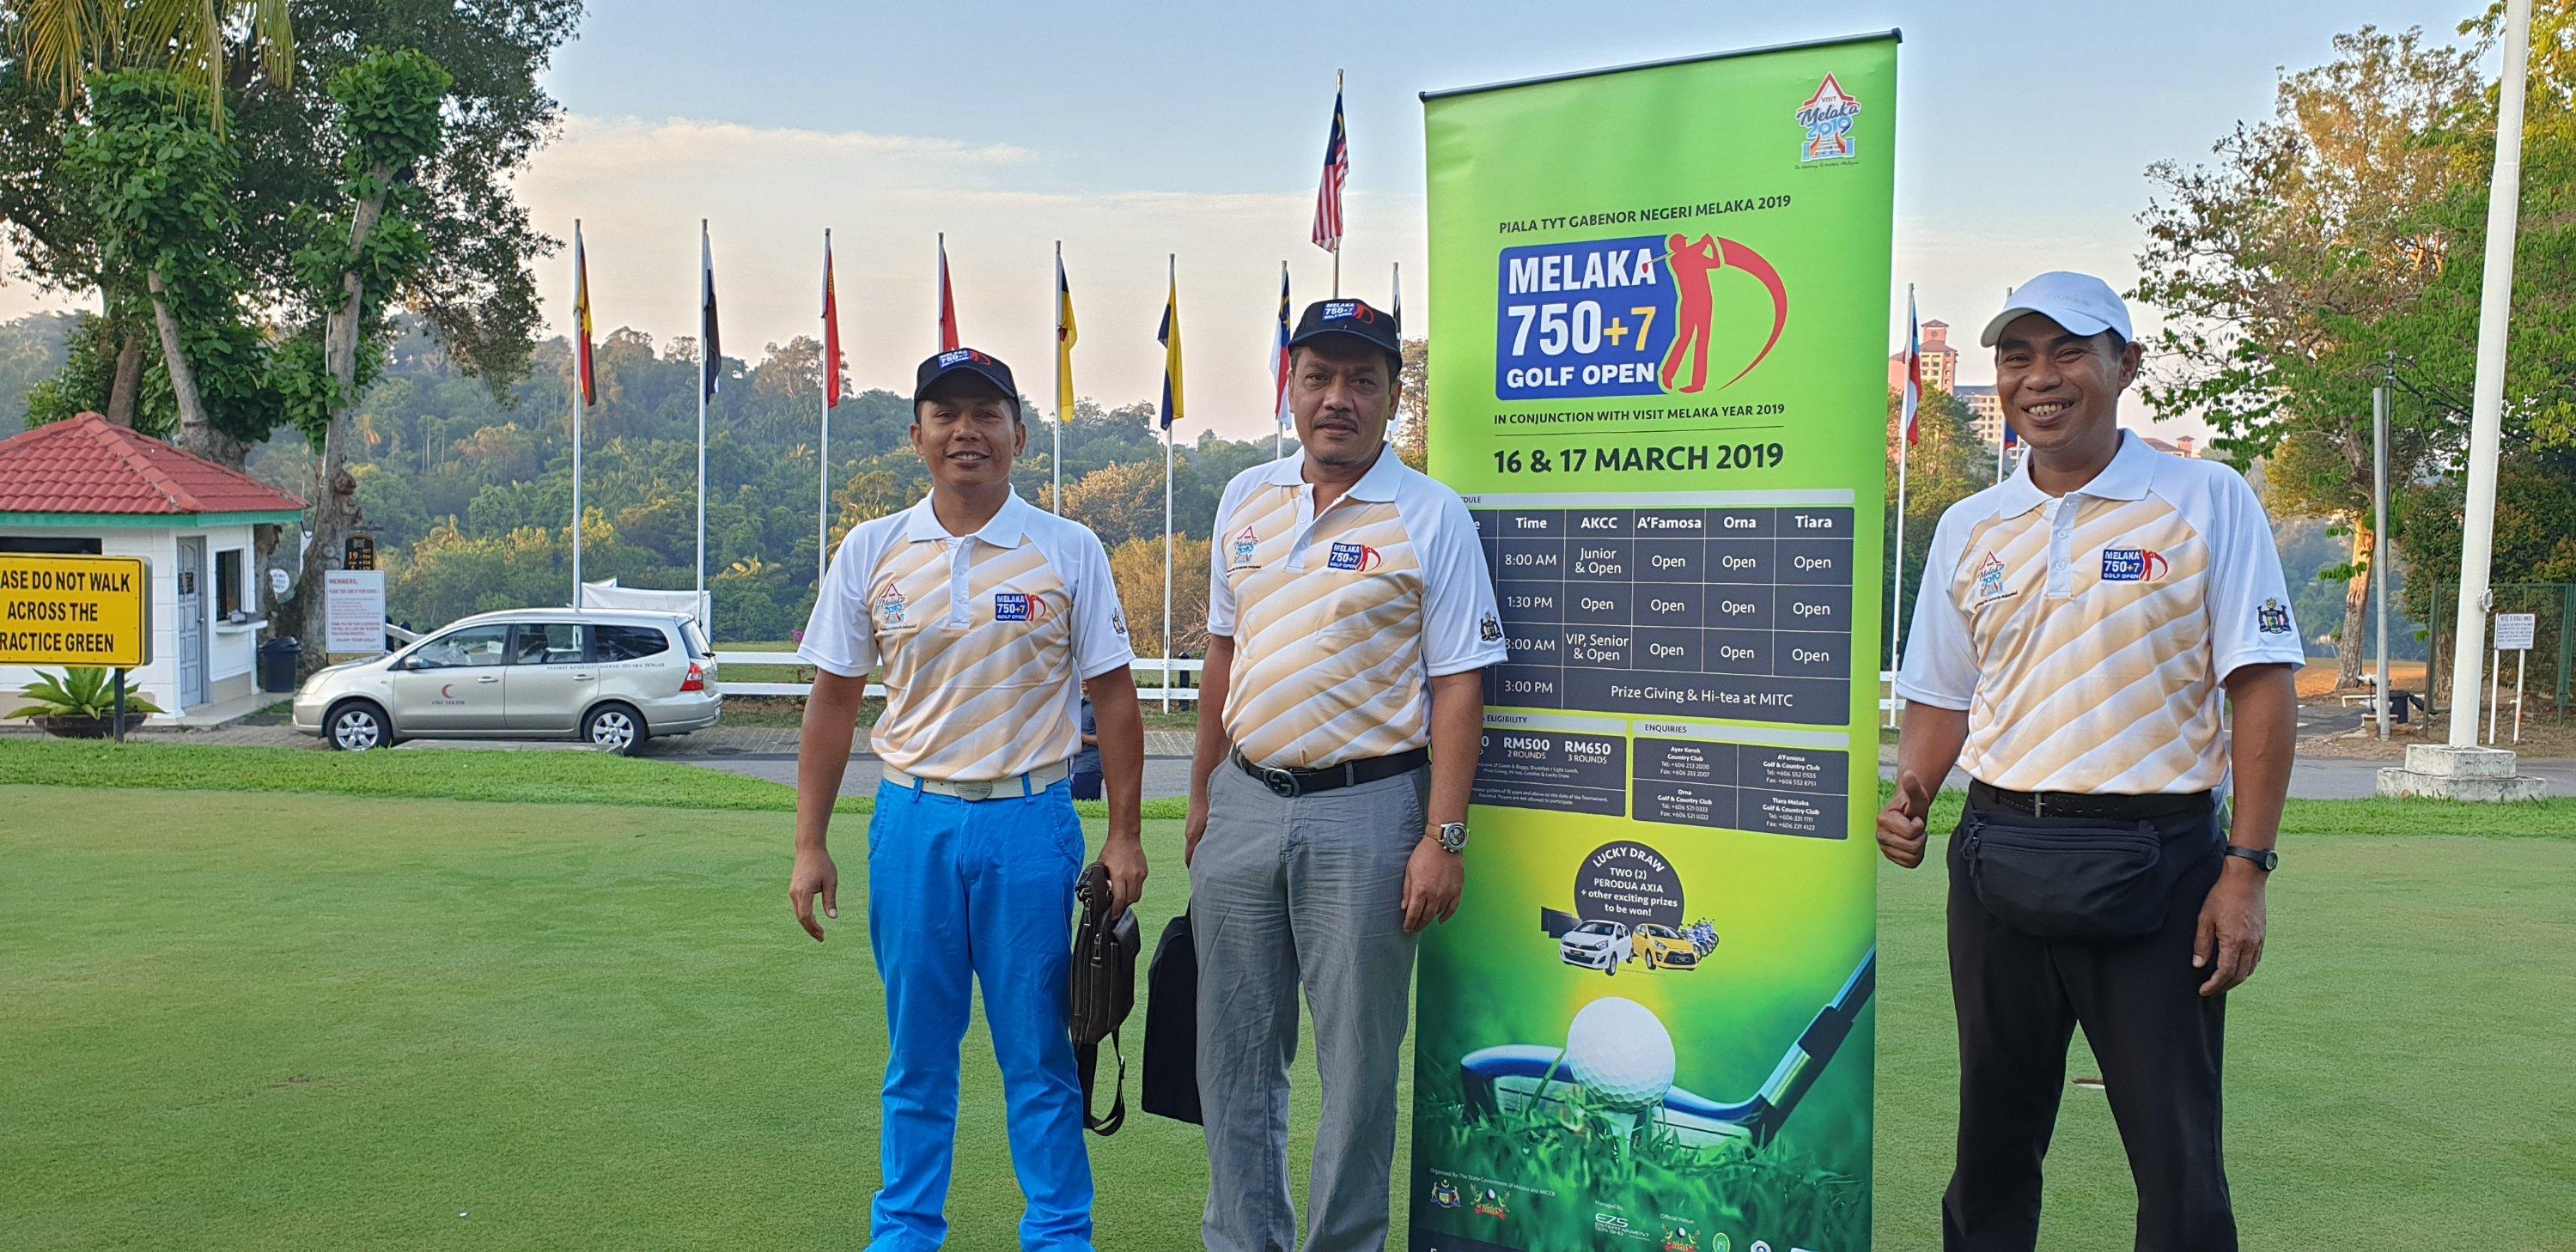 Melaka 750+7 Golf Open 2019 Part 1